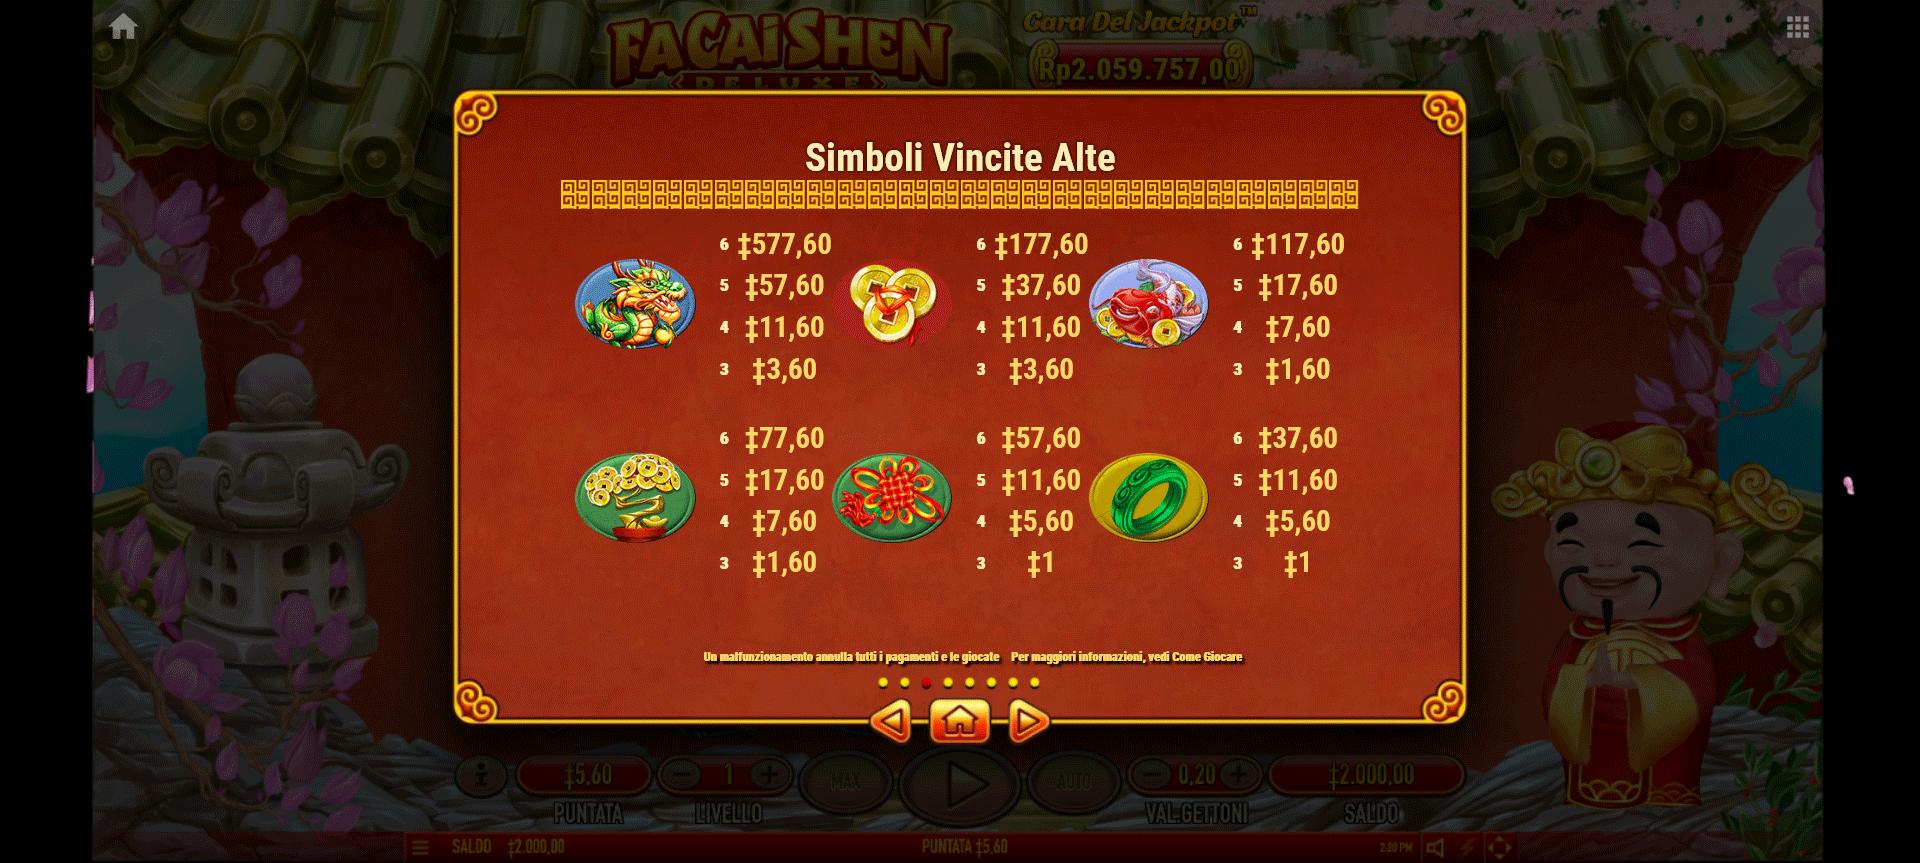 tabella dei pagamenti della slot online fa cai shen deluxe